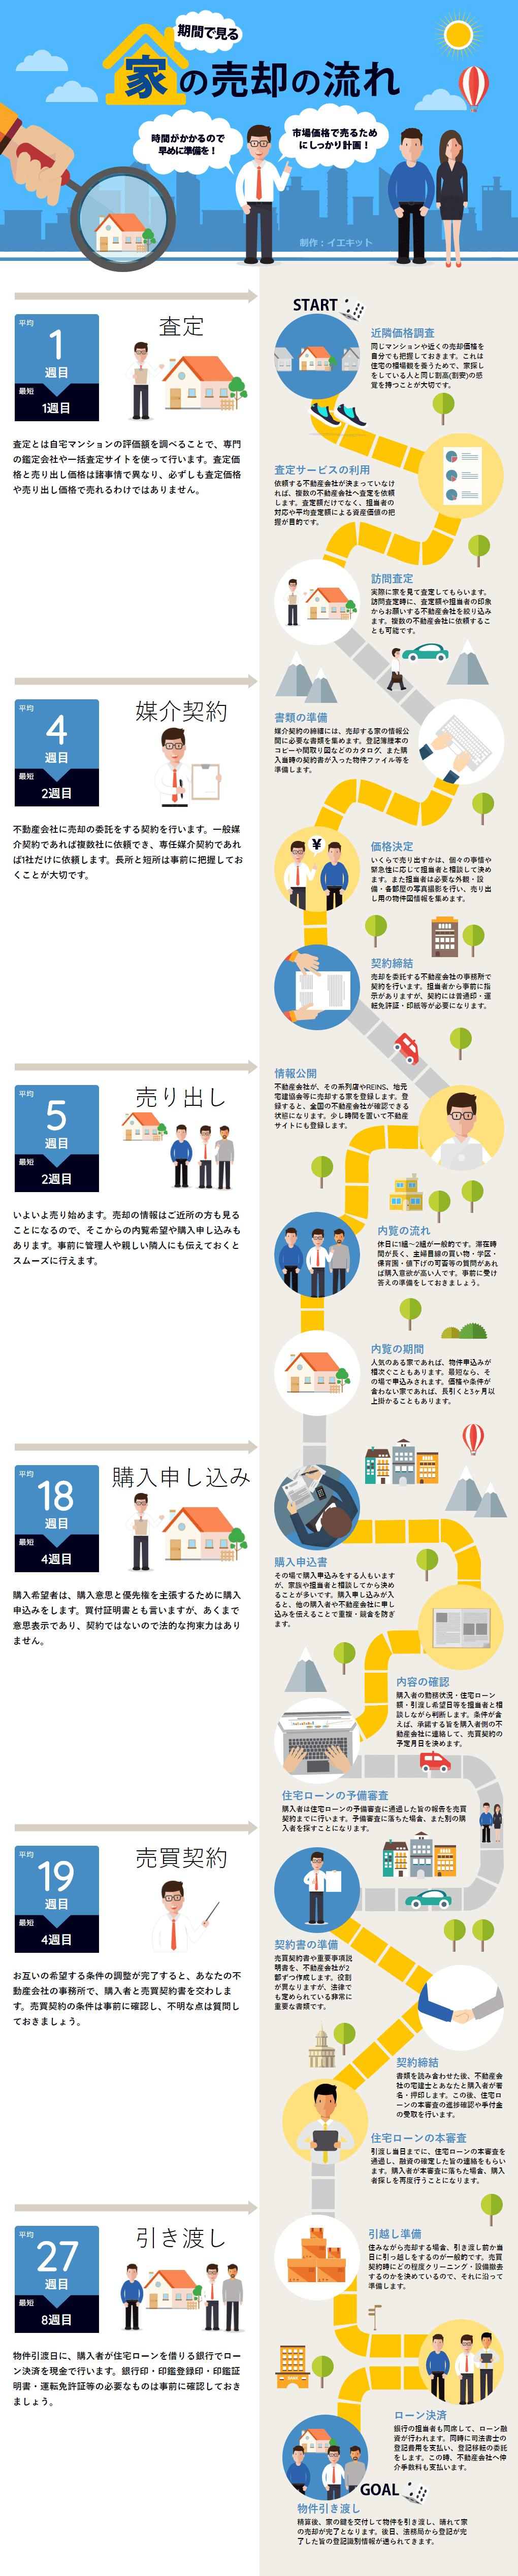 画像 期間で見る 家の売却の流れ 広告デザイン ウェブデザイン チラシ